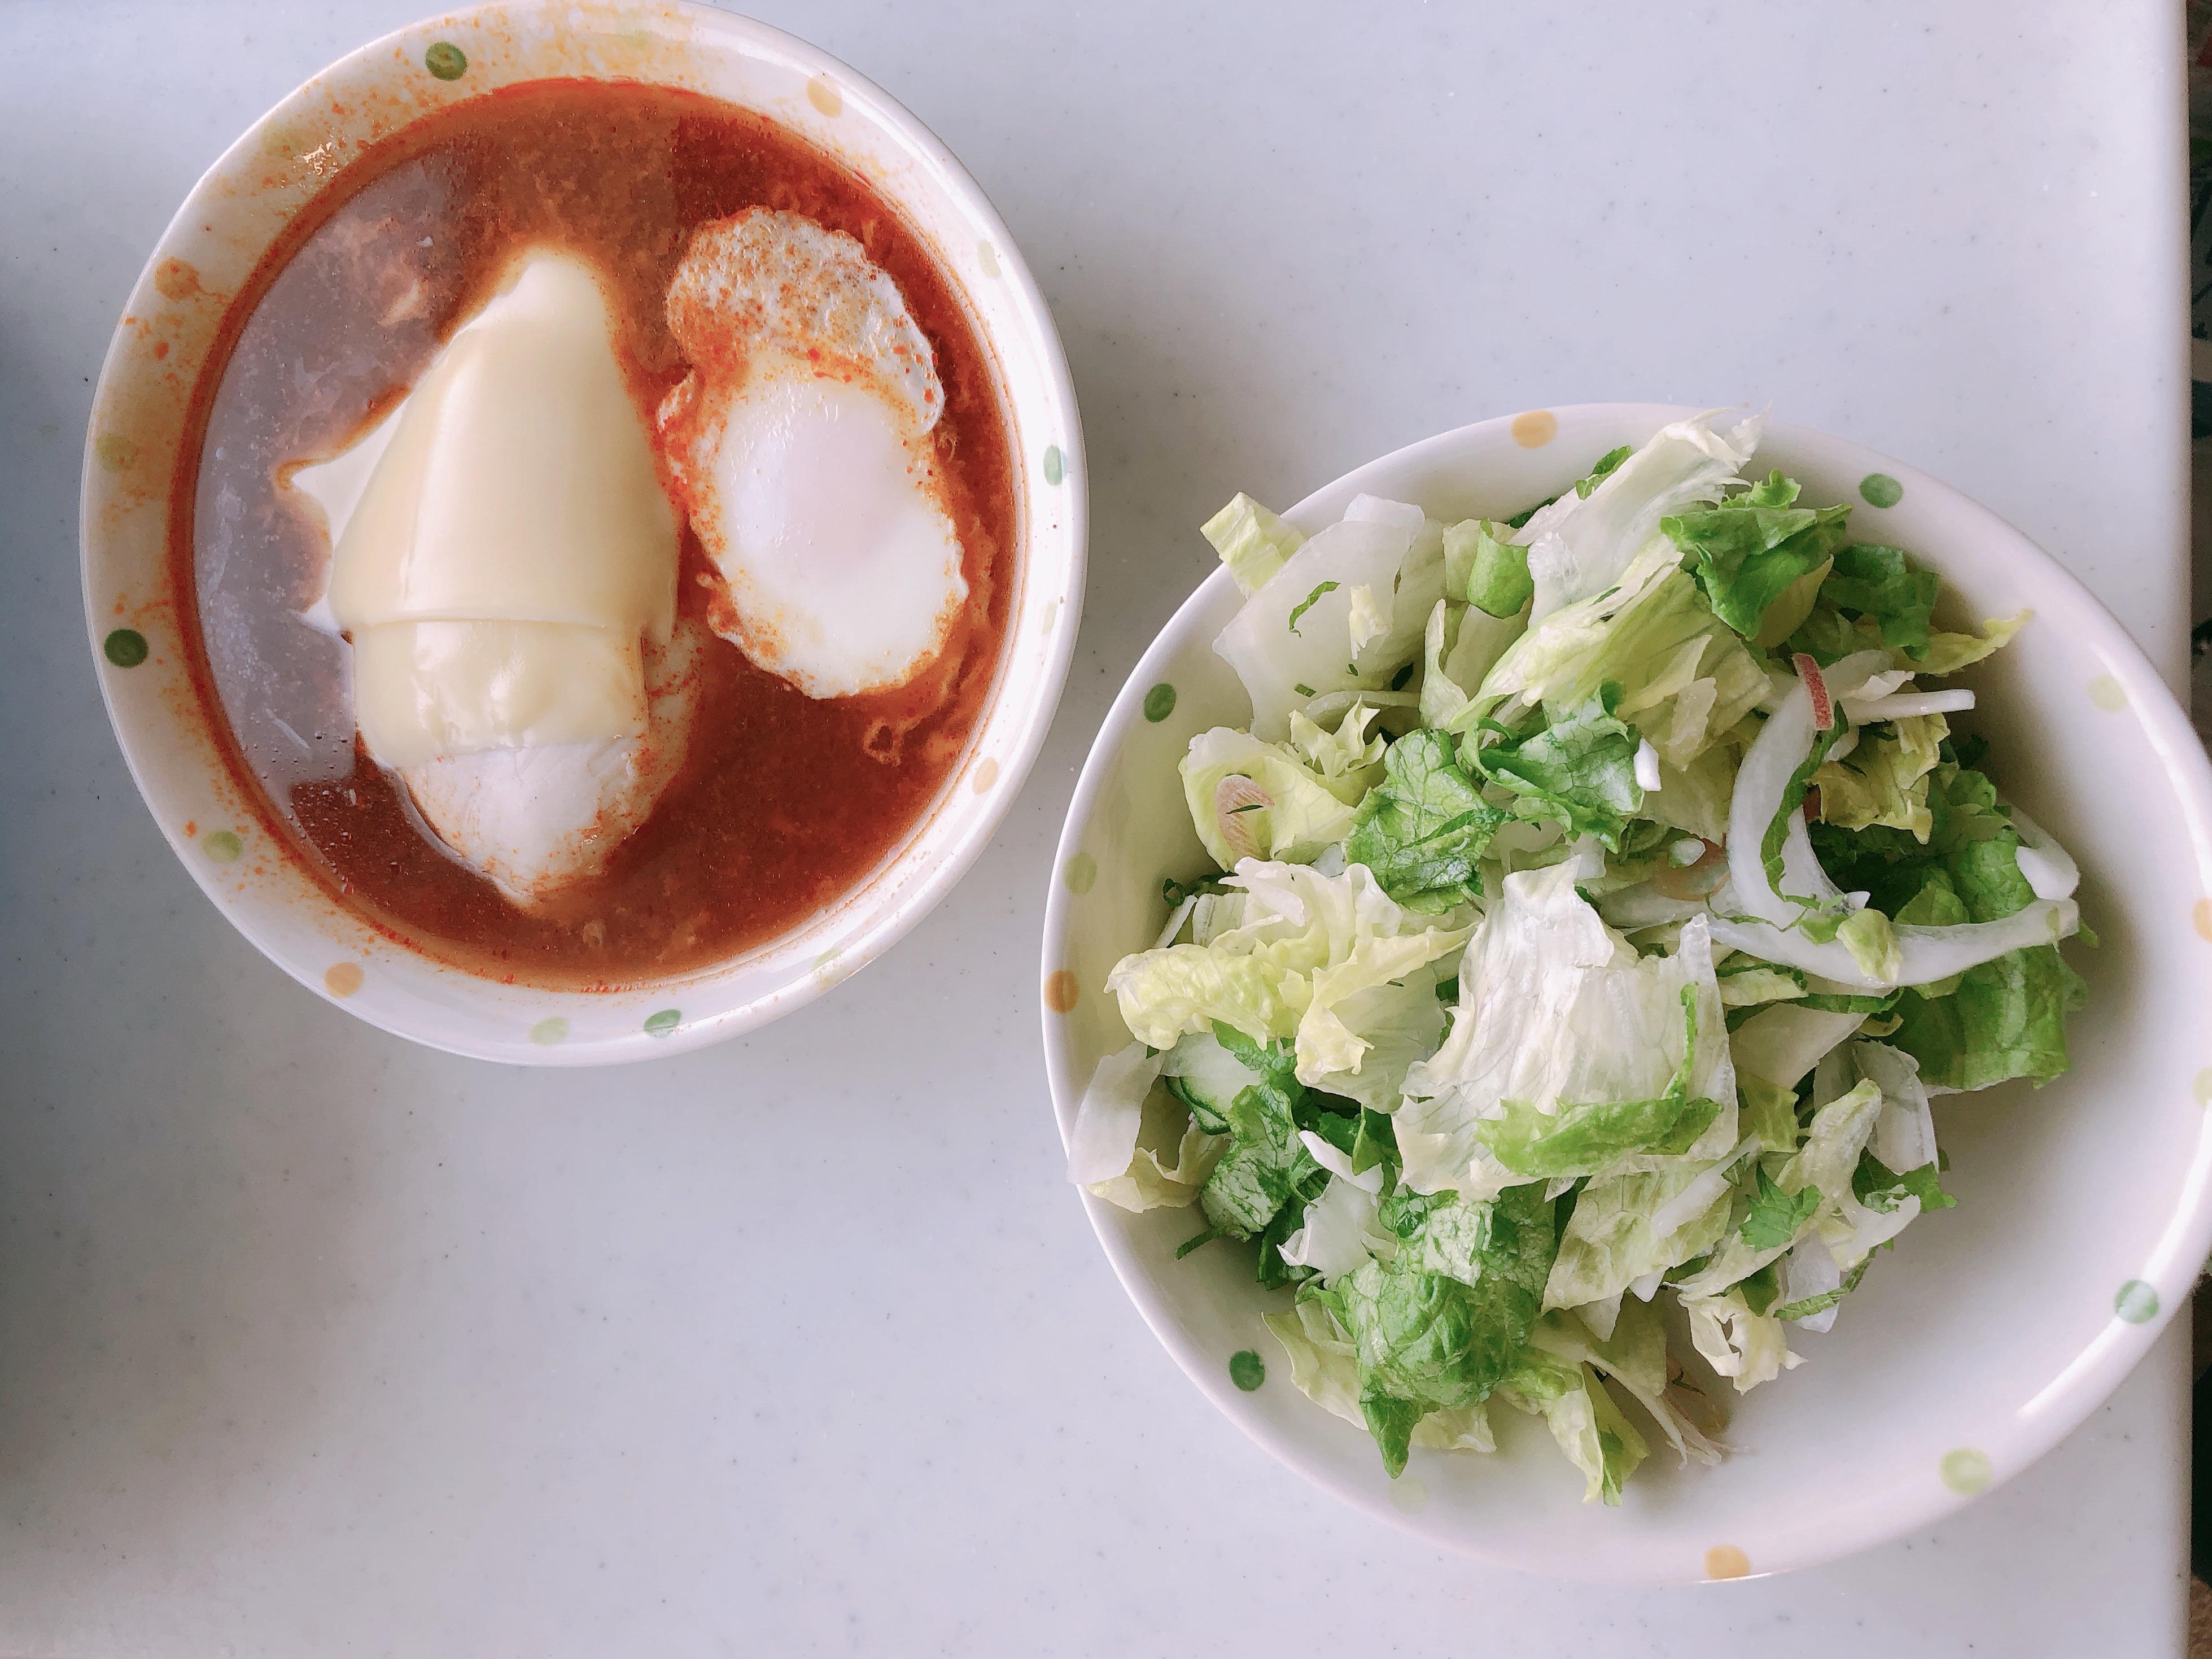 ライザップ9日目の食事内容。1食で豆腐一丁は多い!?